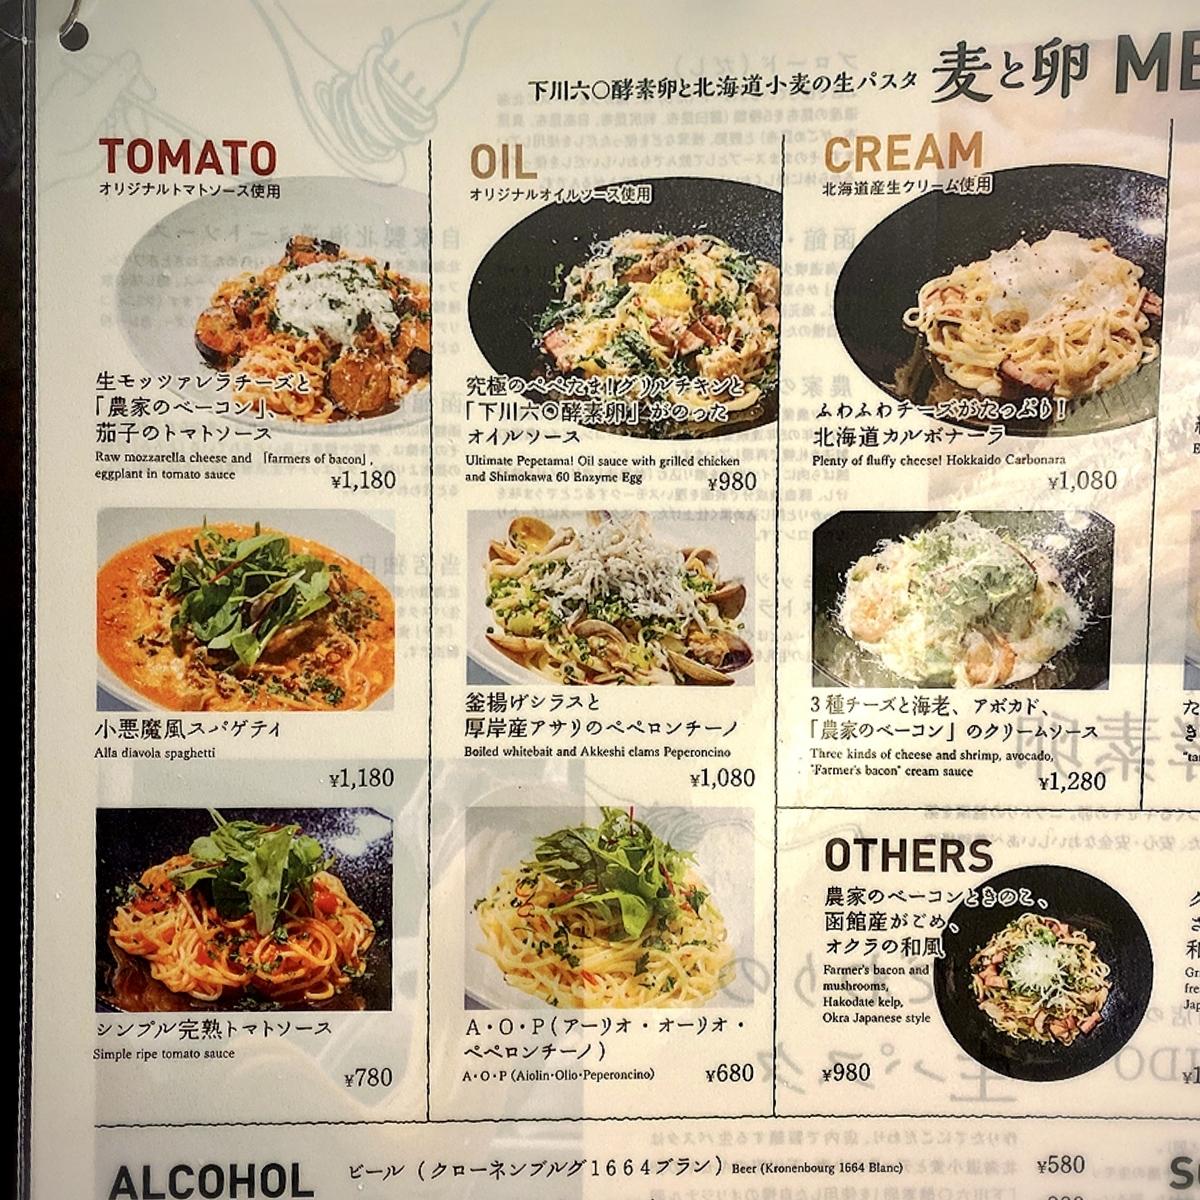 「下川六〇酵素卵と北海道小麦の生パスタ 麦と卵 吉祥寺店」のメニューと値段1